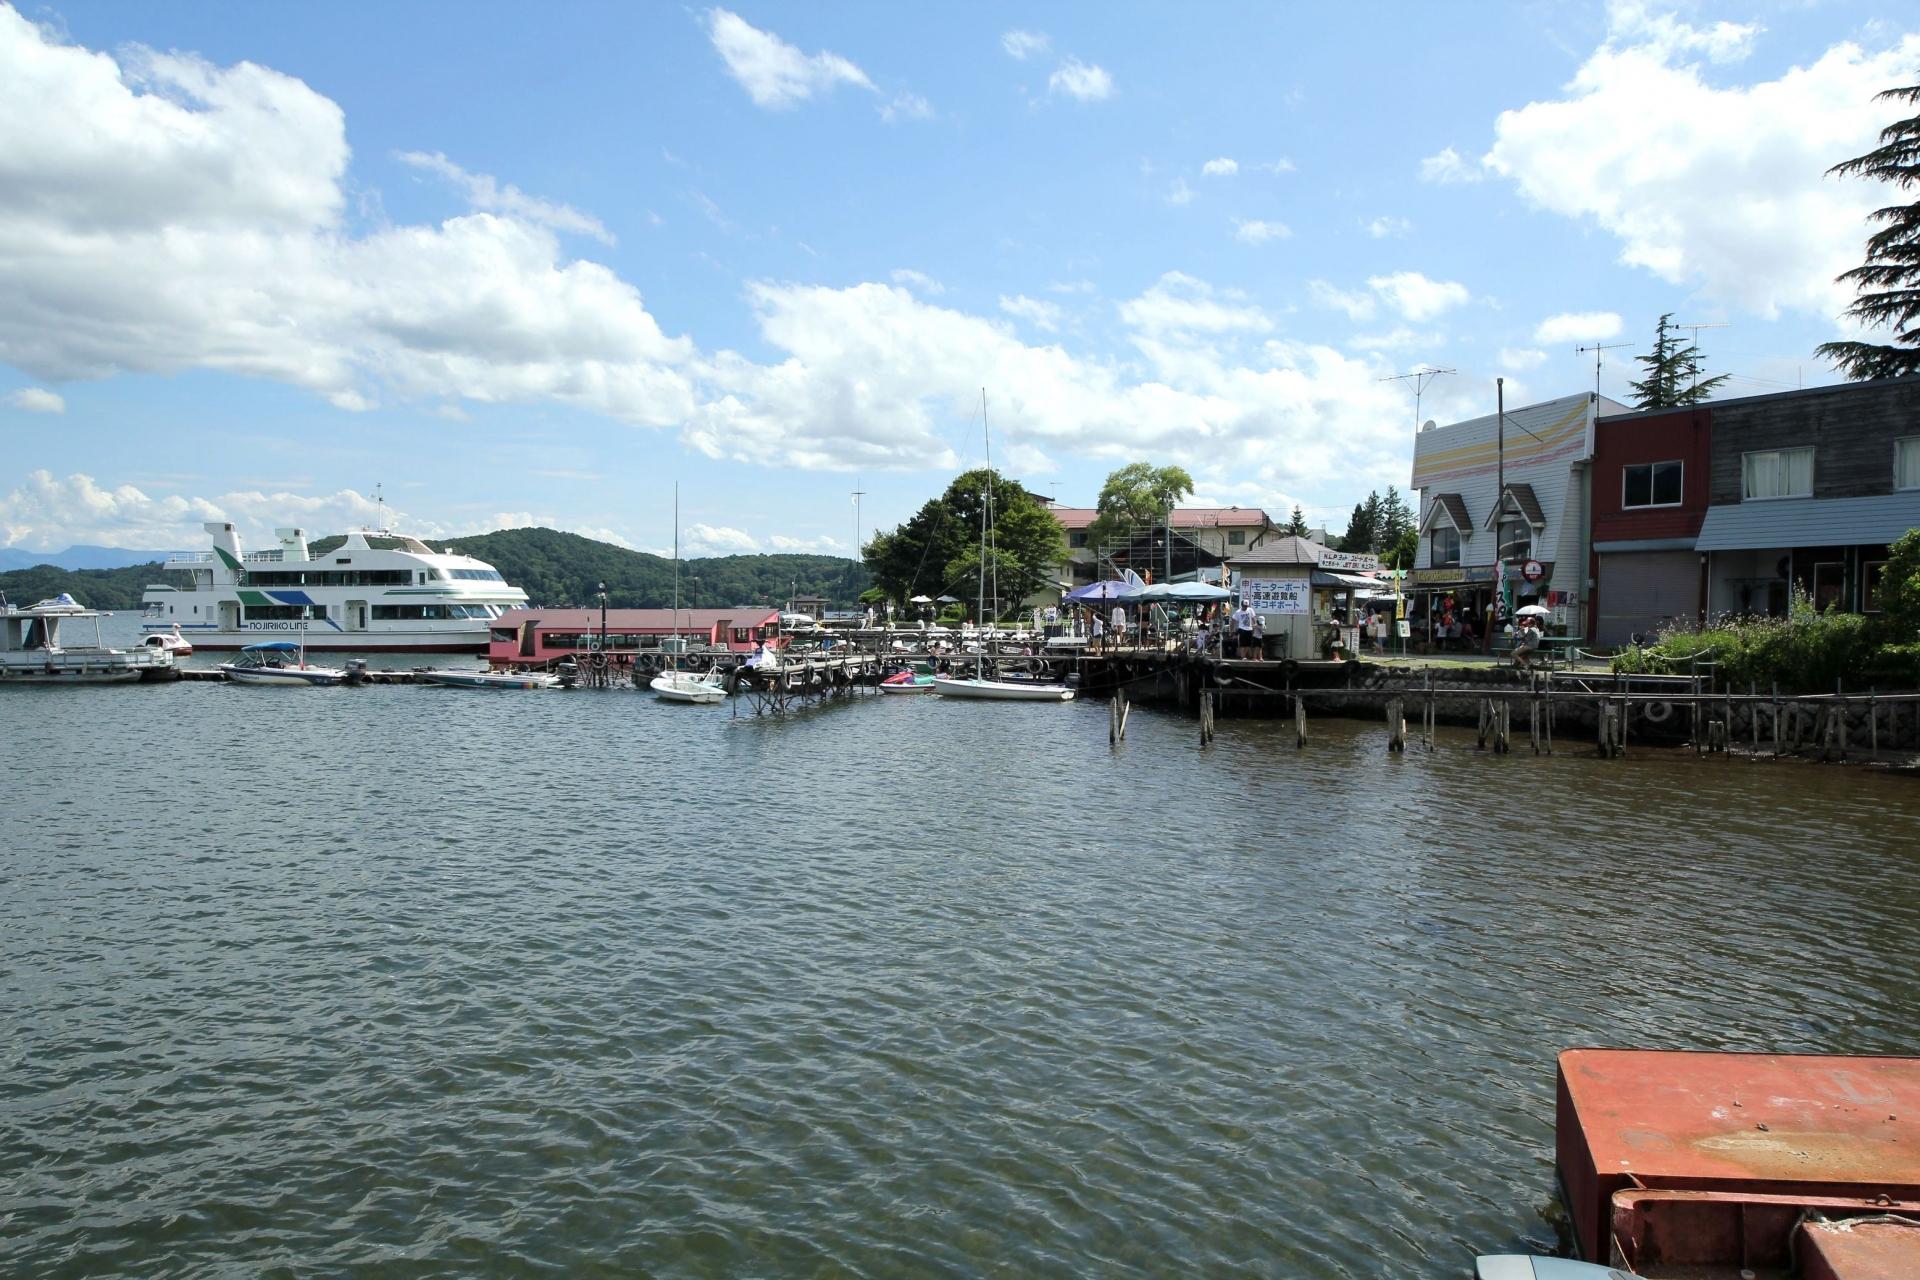 この夏、長野県信濃町野尻湖でキャンプやウォタースポーツを楽しんでみてはいかがでしょうか!?